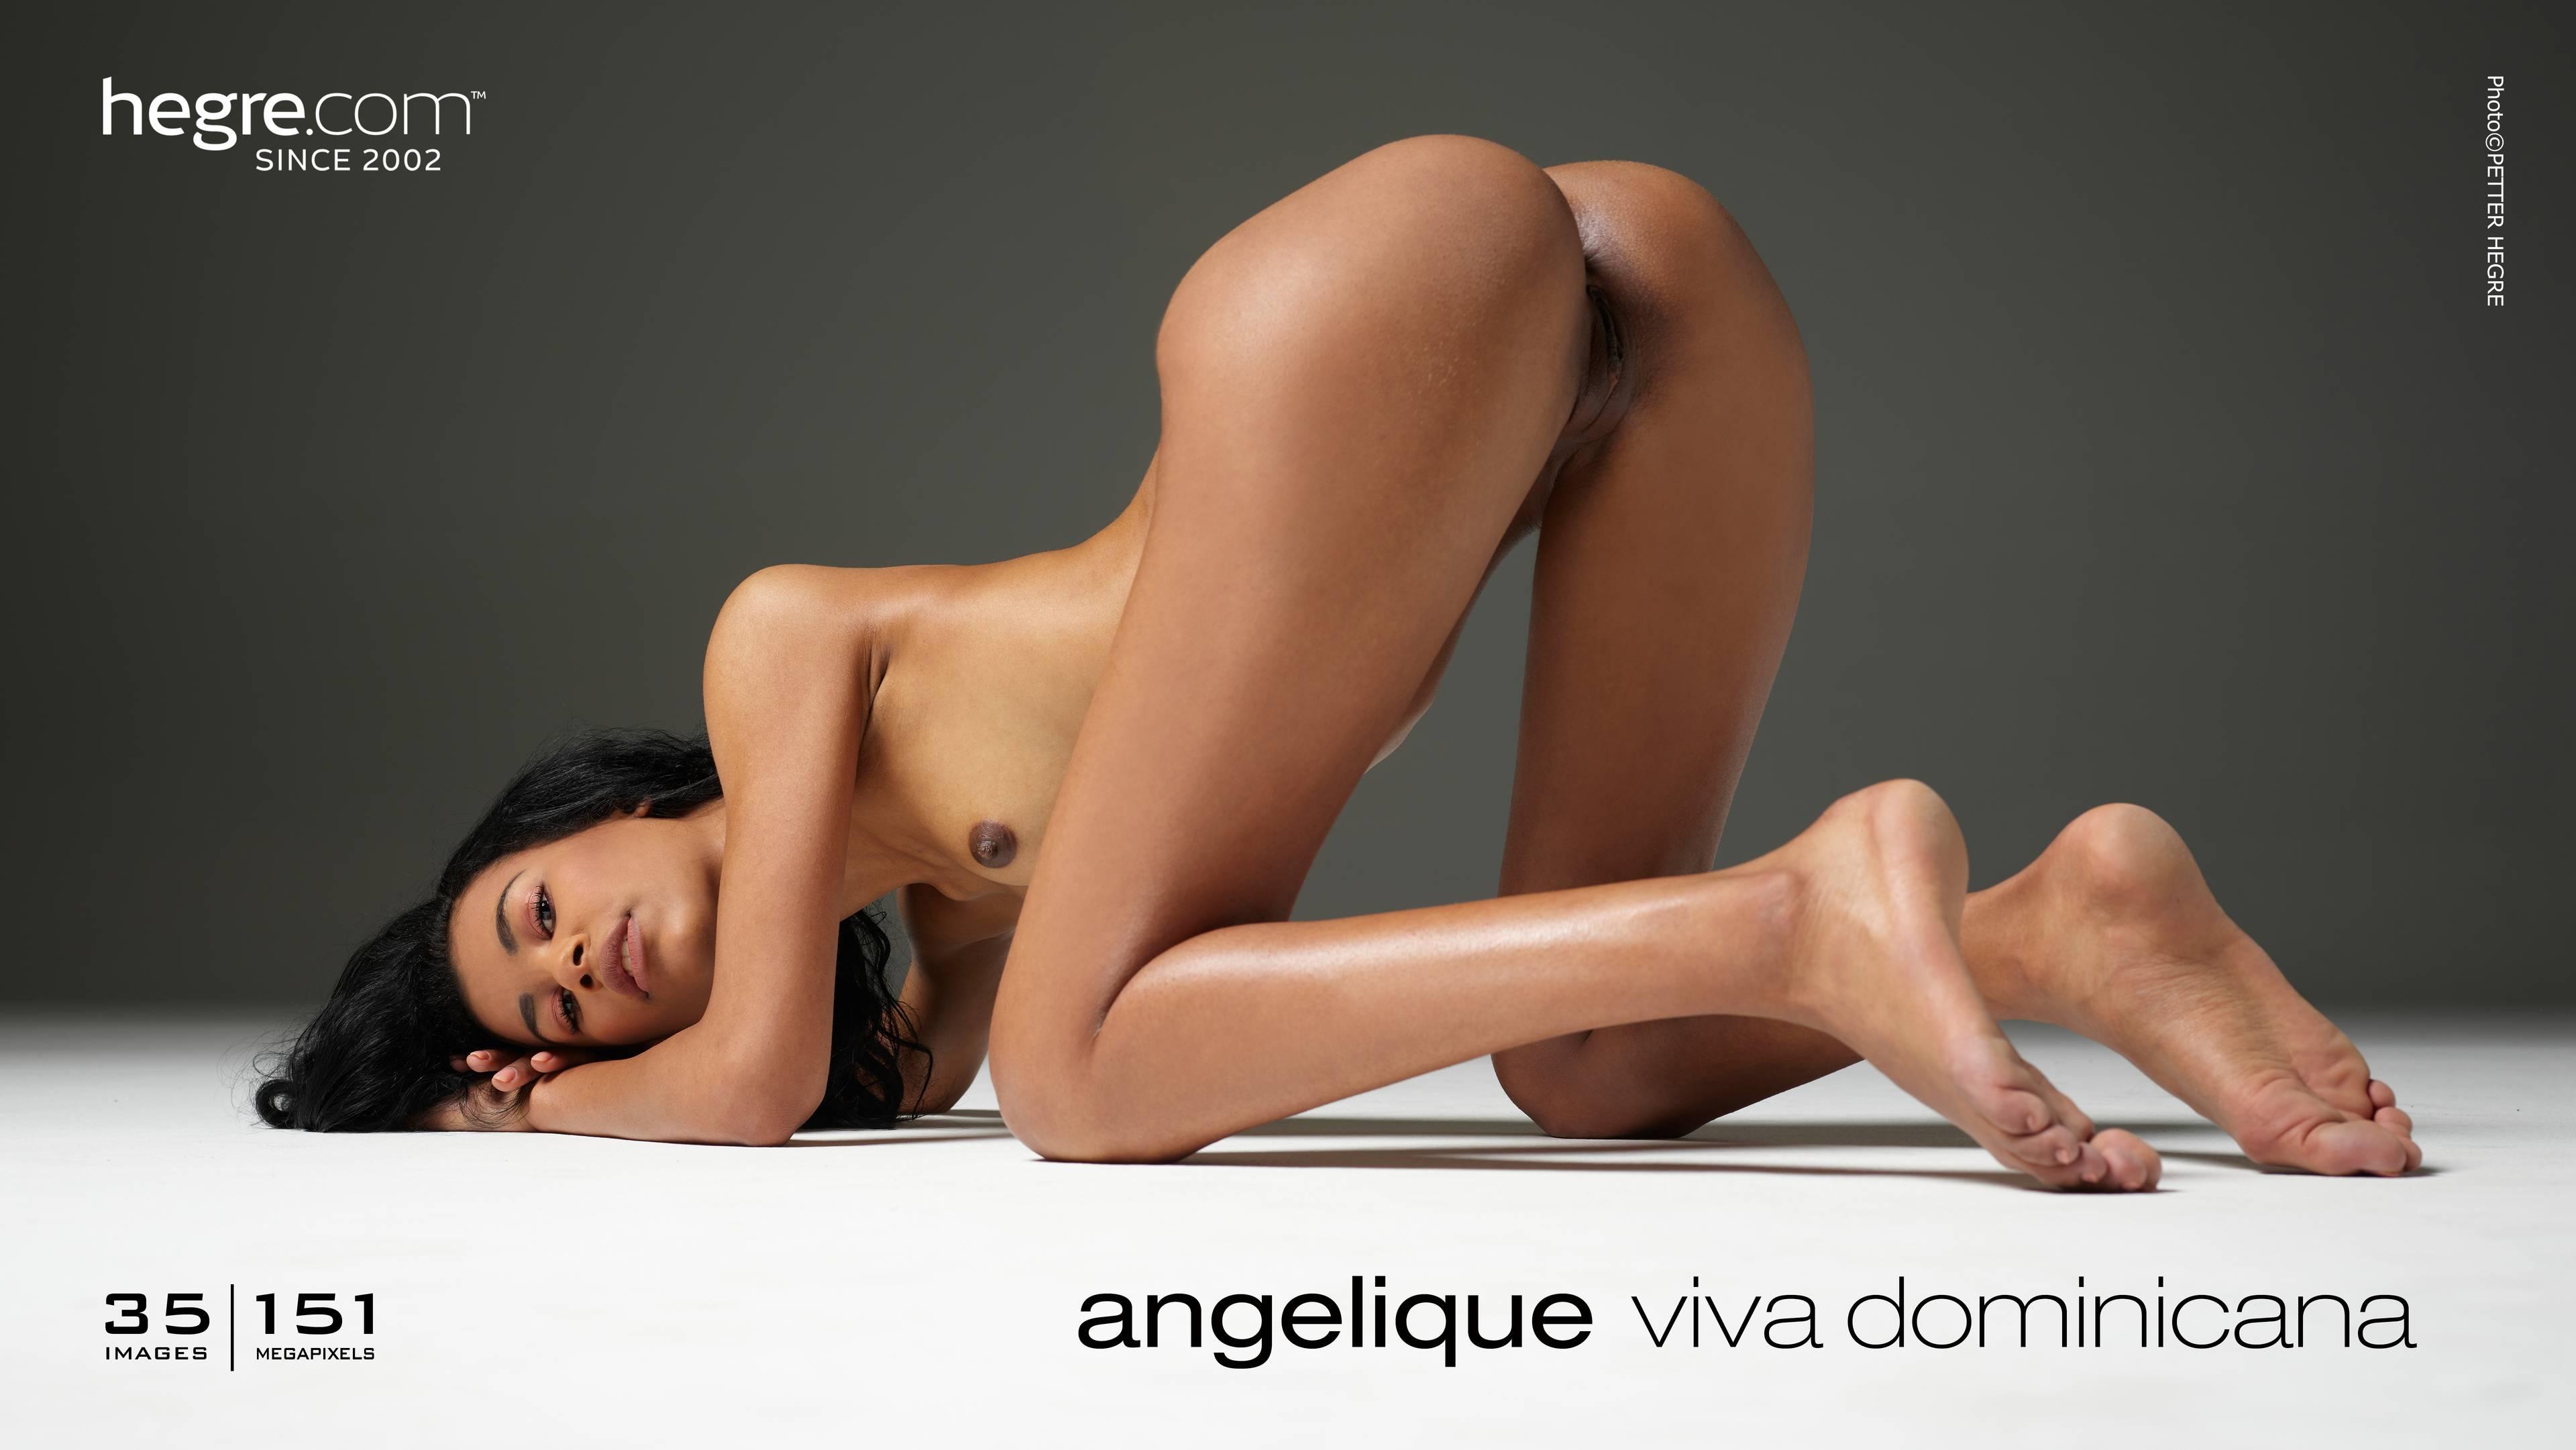 angelique viva dominicana board